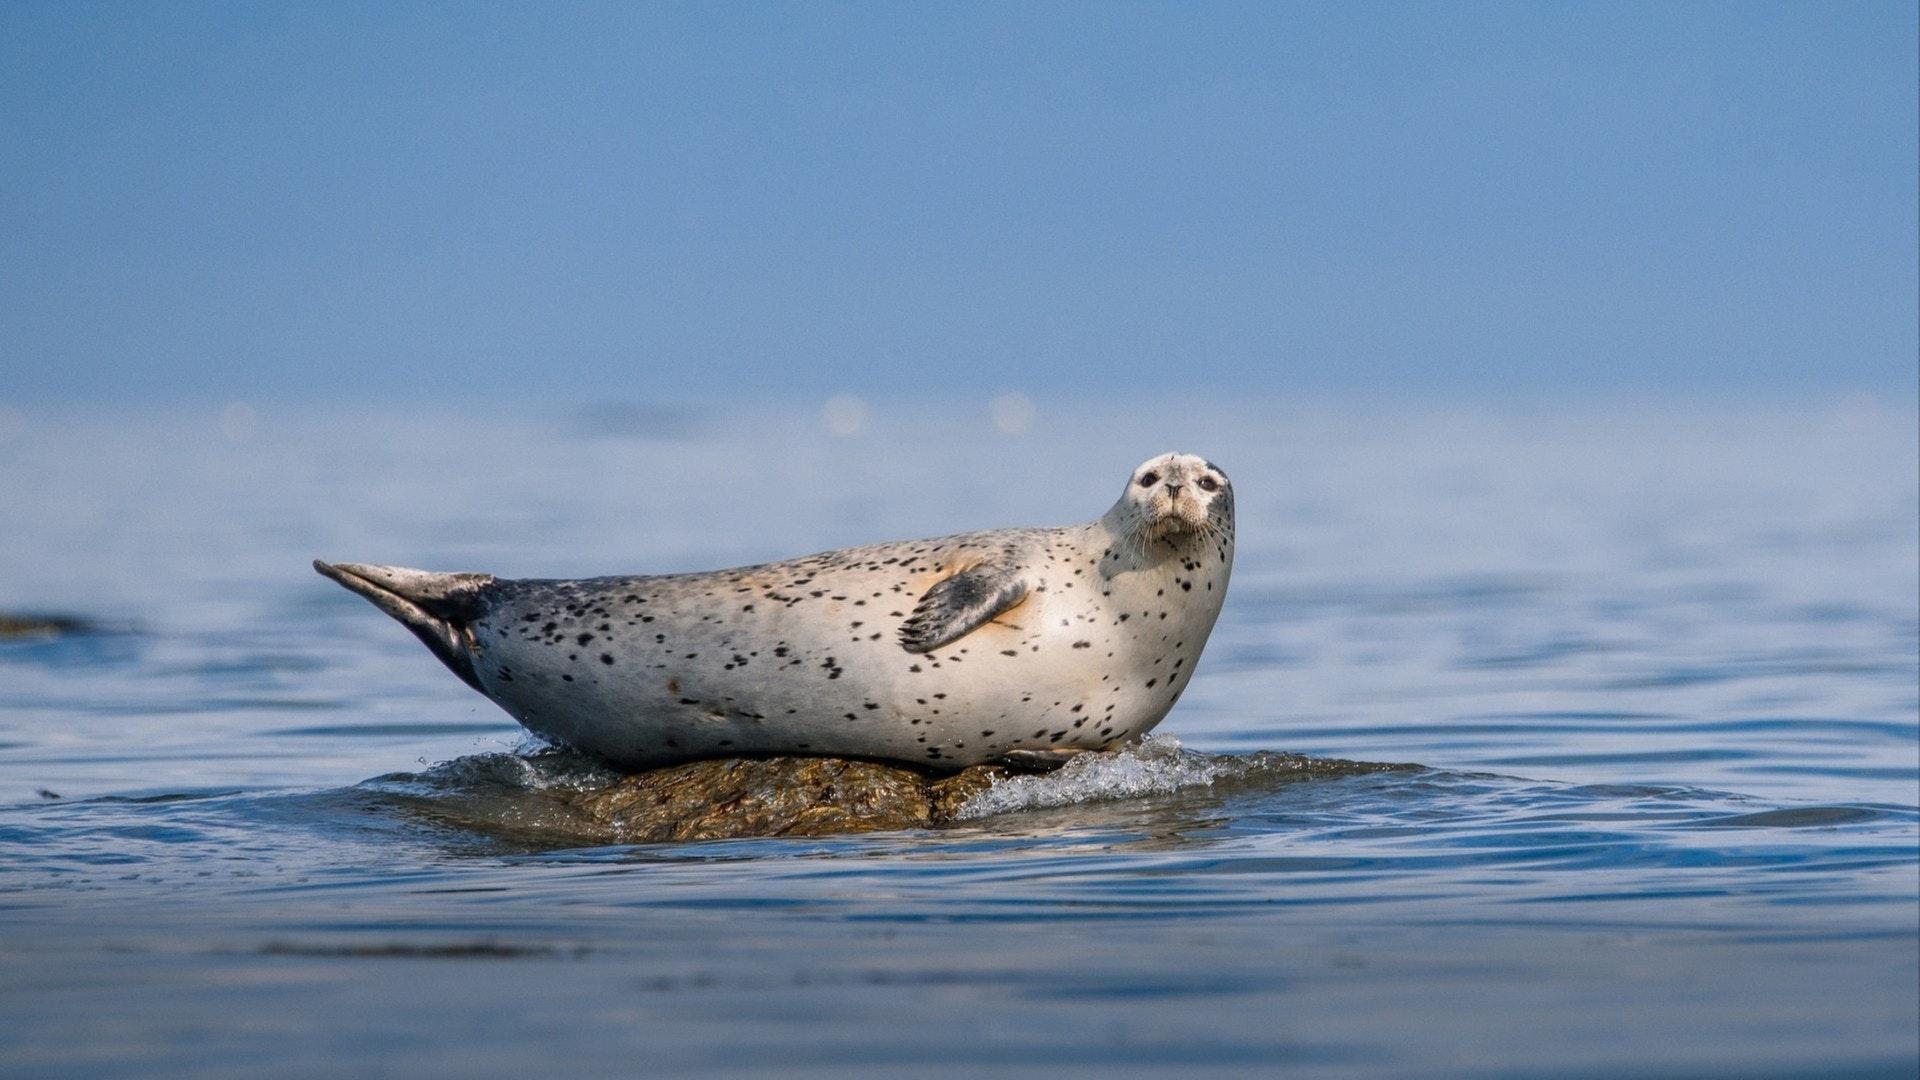 アザラシはオホーツク海の小さな岩の上に休息しています